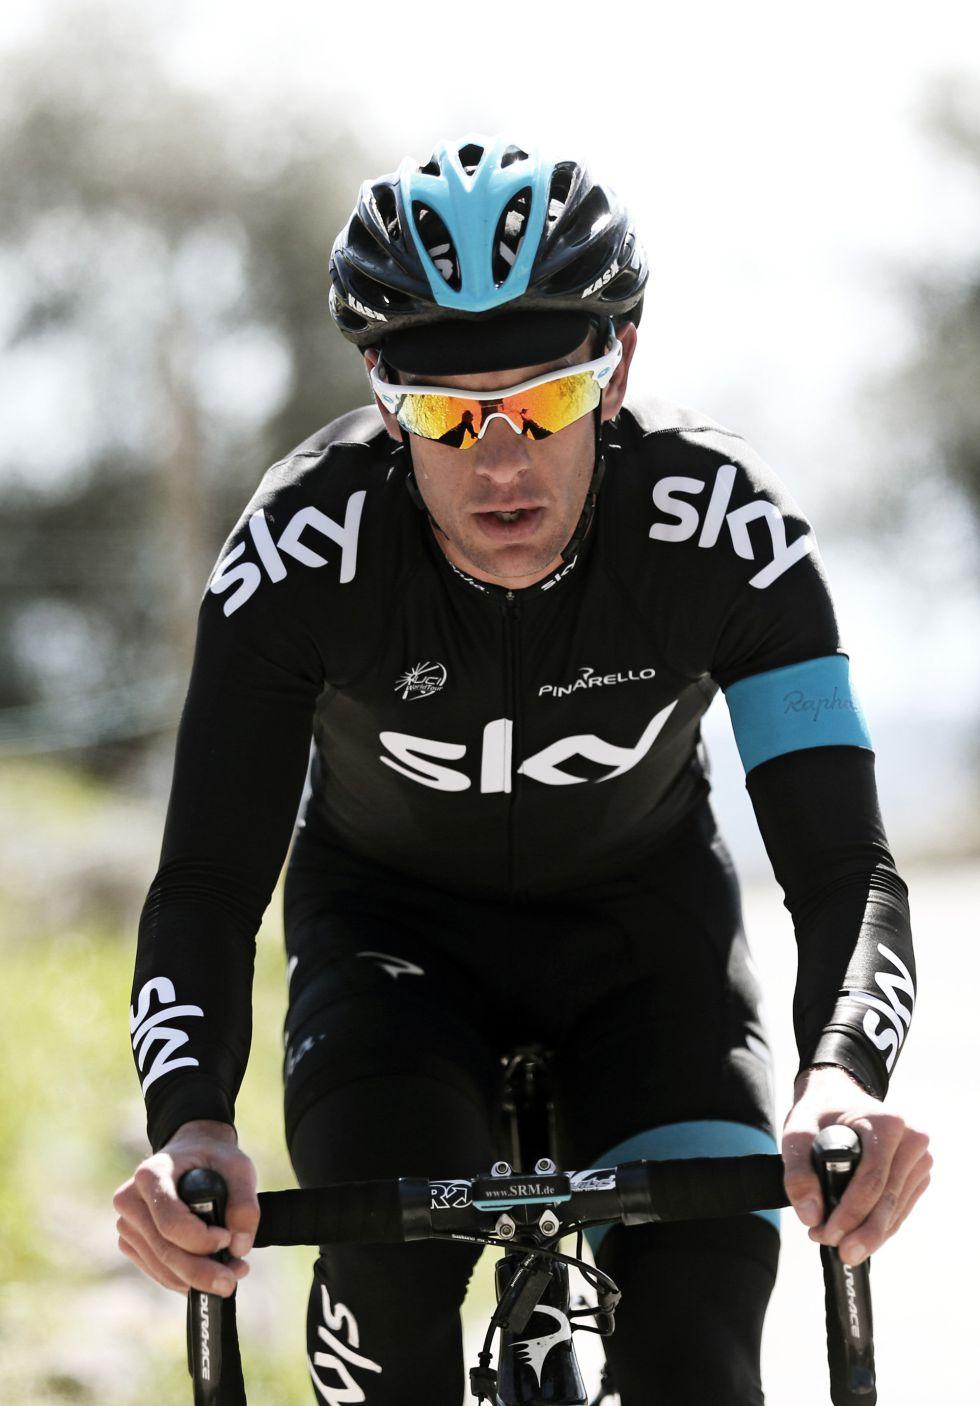 Tour de Francia 2014 - Página 2 1404328091_847133_1404328588_noticia_grande